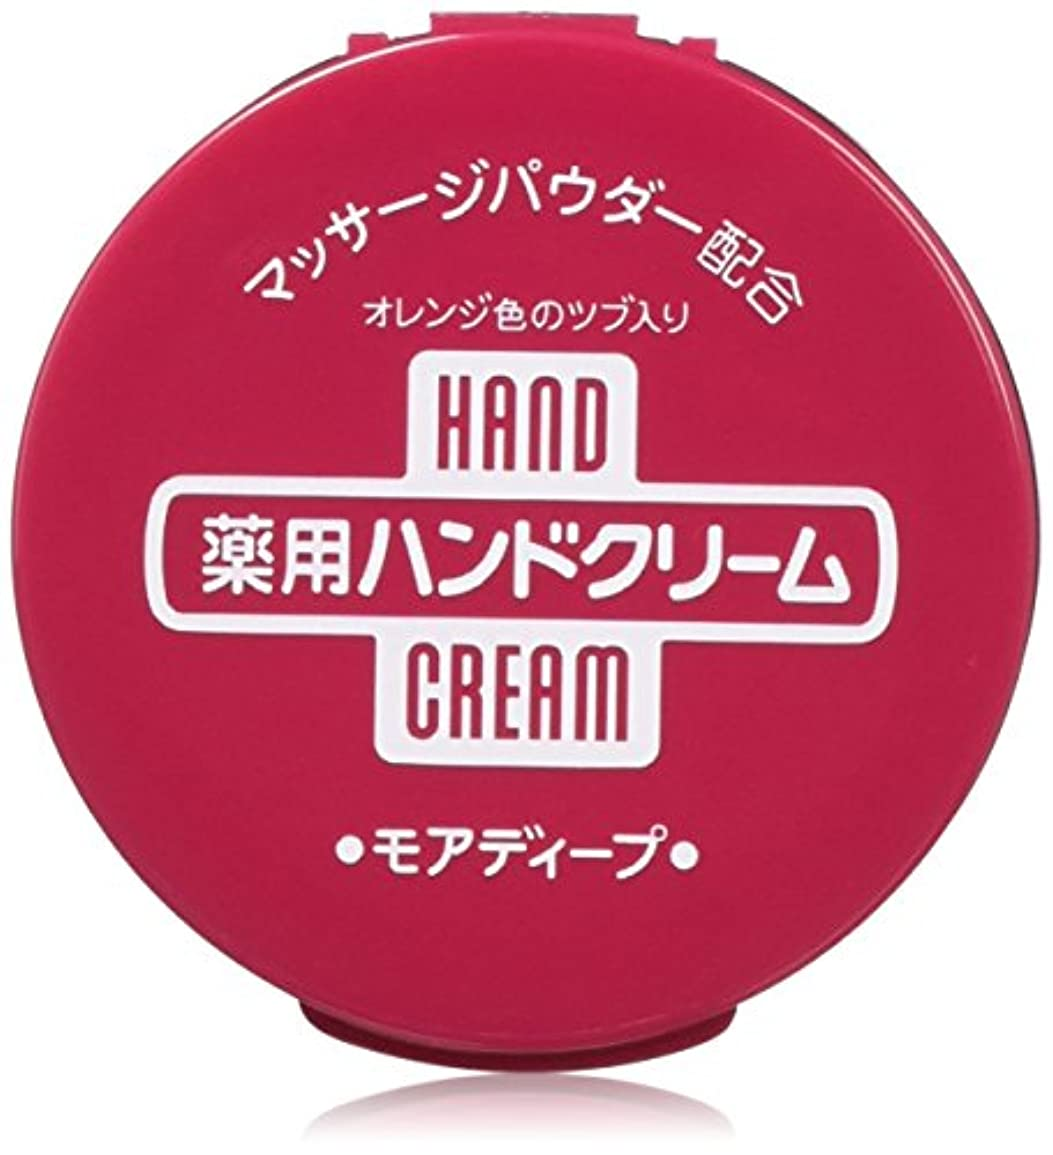 密輸広告する感心する【まとめ買い】薬用ハンドクリーム モアディープ 100g×12個